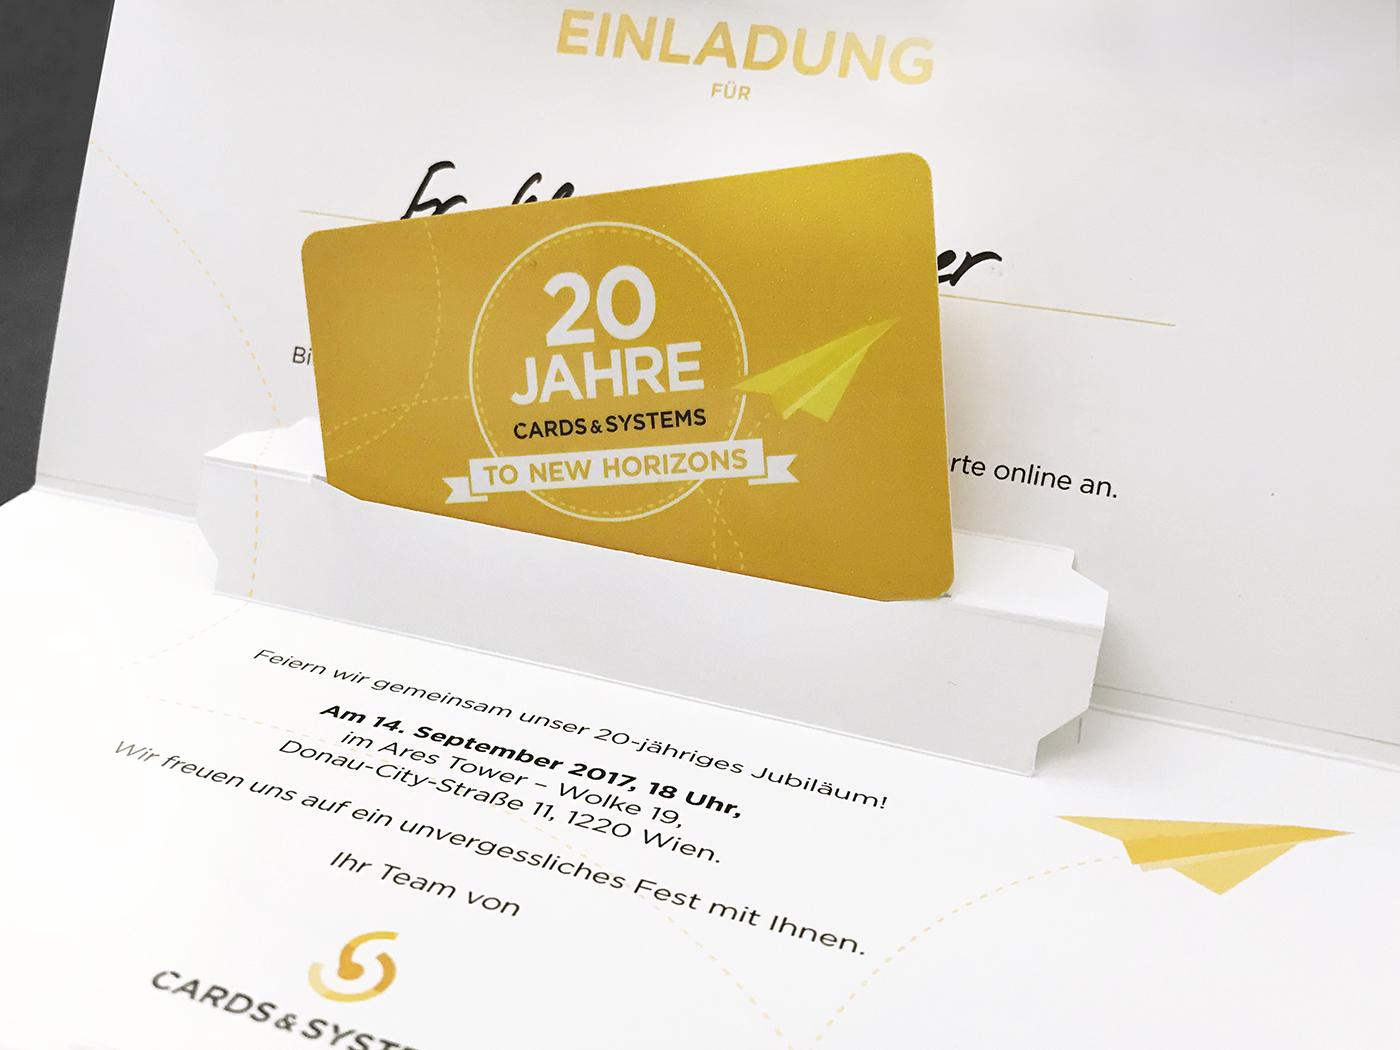 cs-einladung20jahre-innen-kl